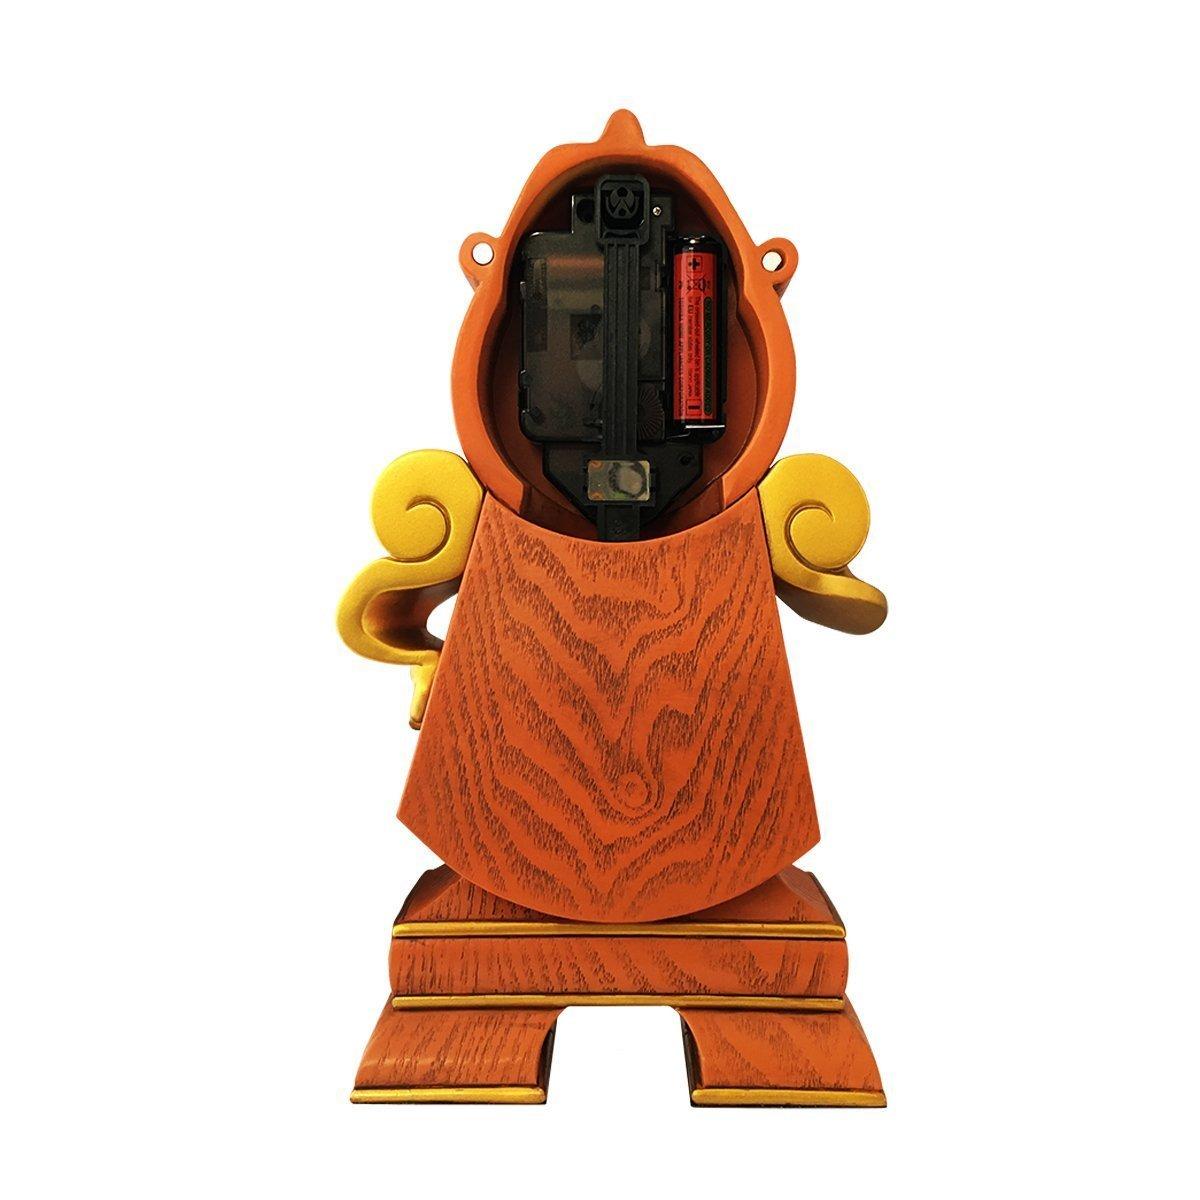 Vera orologio Disney Big Ben personaggio la Bella e la Bestia Decorazioni cameretta ragazzi Orologi